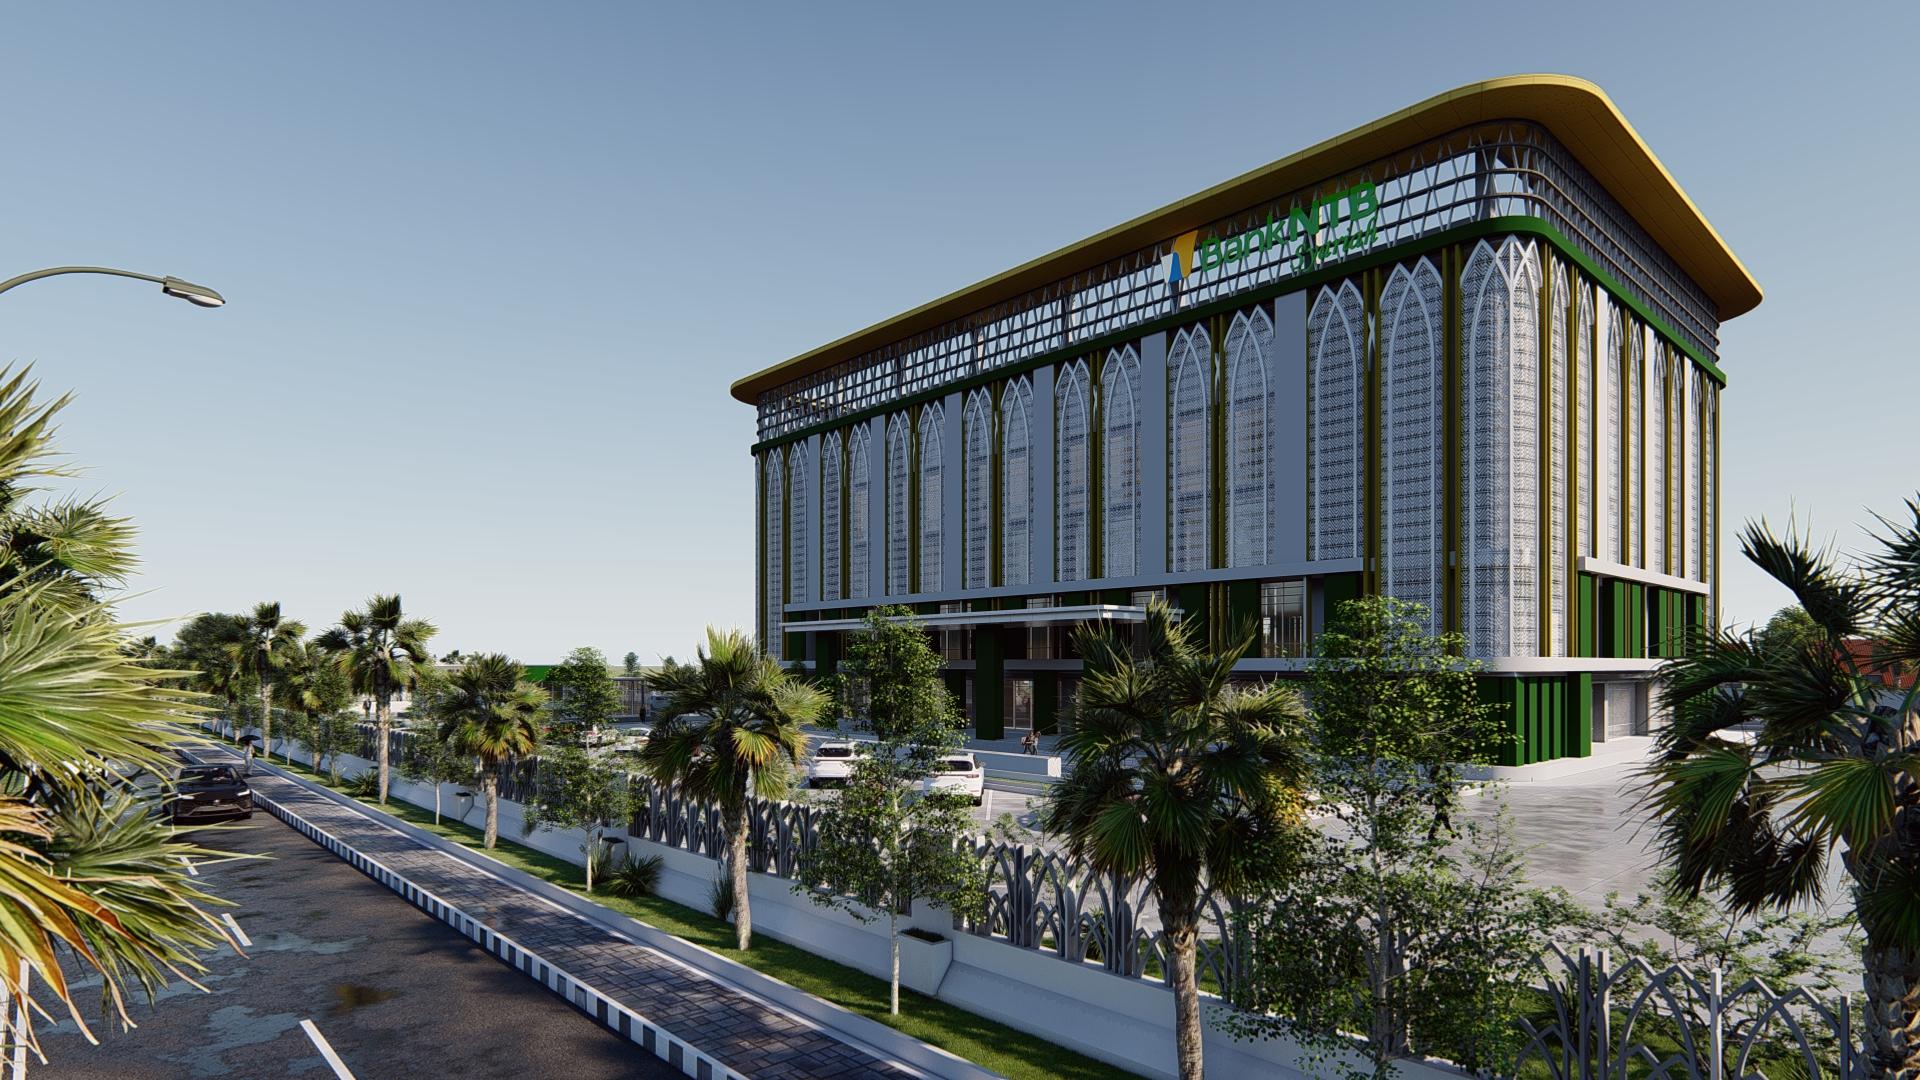 Jasa-Konsultansi-Perencana-Pembangunan-Gedung-PT-Bank-NTB-Syariah-Kantor-Cabang-Selong-Pahlawan.html